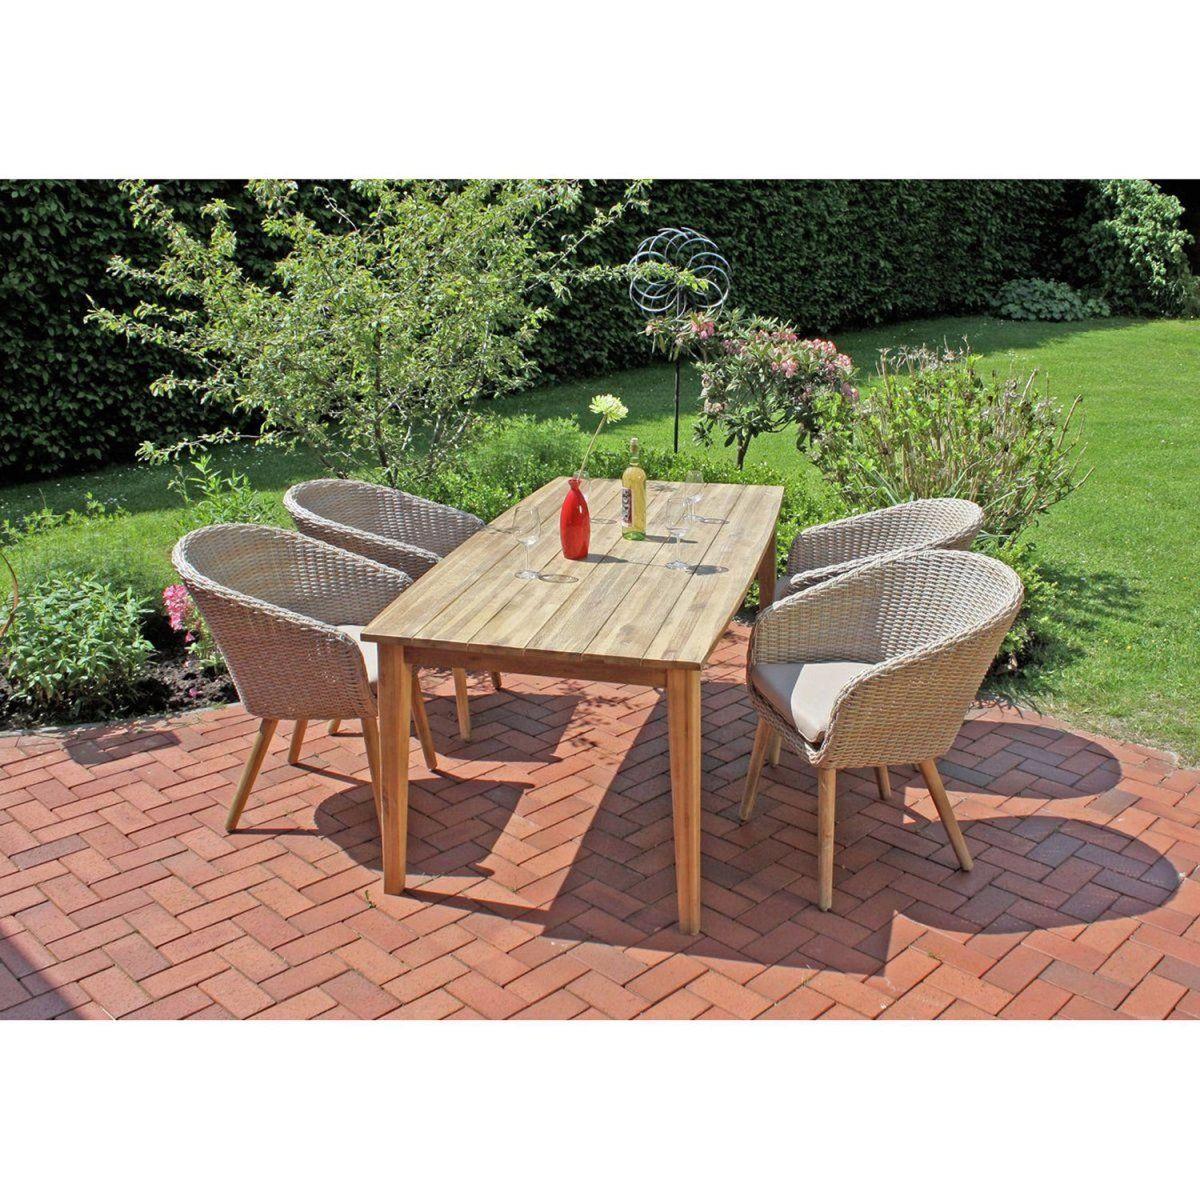 Garden Pleasure Tischgruppe Visalia 5 Tlg Jetzt Bestellen Unter Https Moebel Ladendirekt De Garten Gartenmoebel Ga Gartenmobel Sets Gartenmobel Tischgruppe